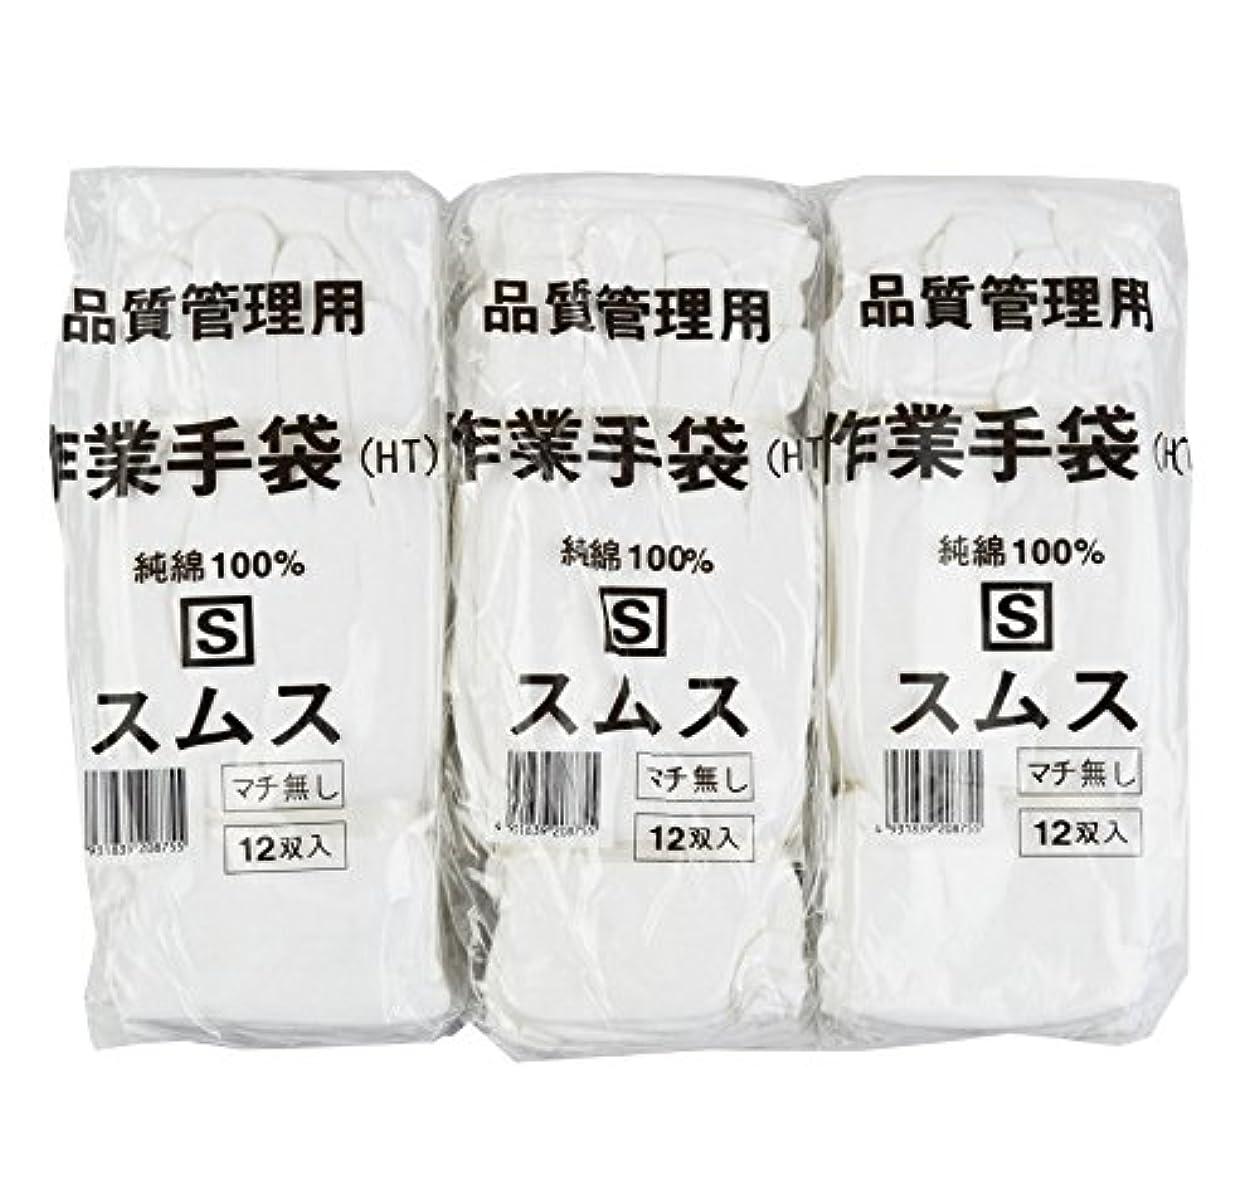 最小メイドペインギリック【お得なセット売り】 純綿100% スムス 手袋 Sサイズ 12双×3袋セット 女性に最適 多用途 101114